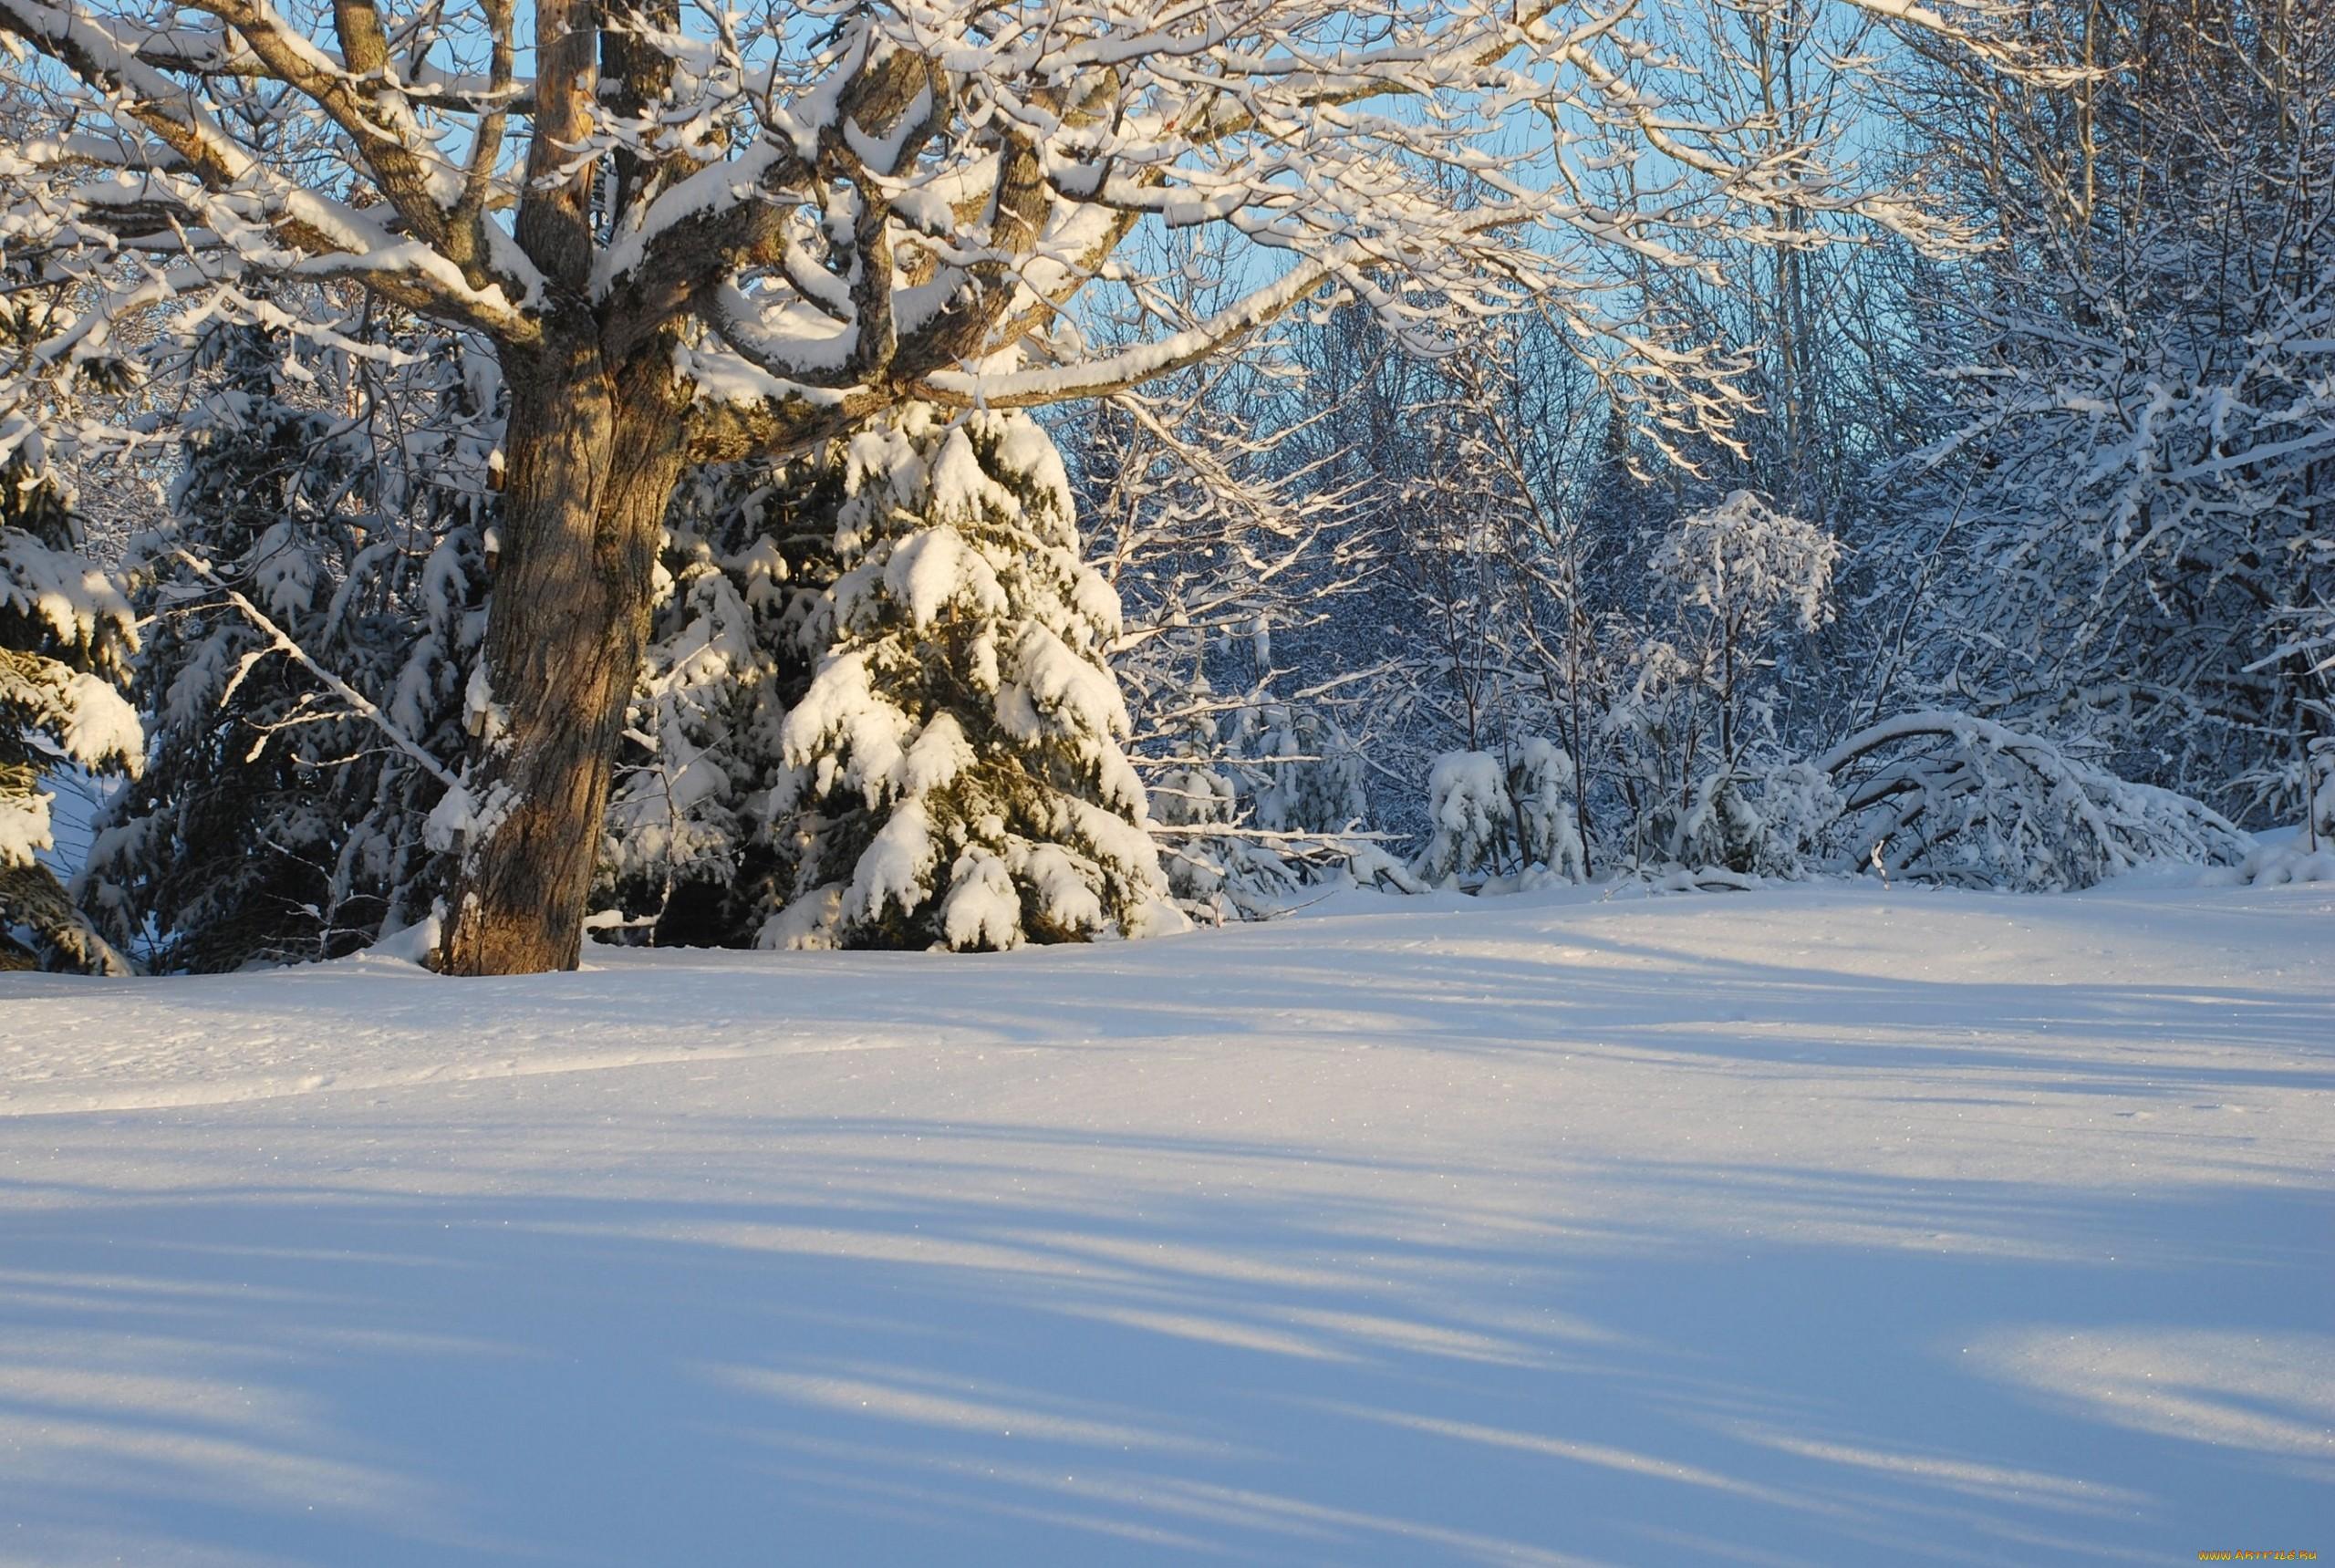 родилось картинка зимней лесной поляны окон